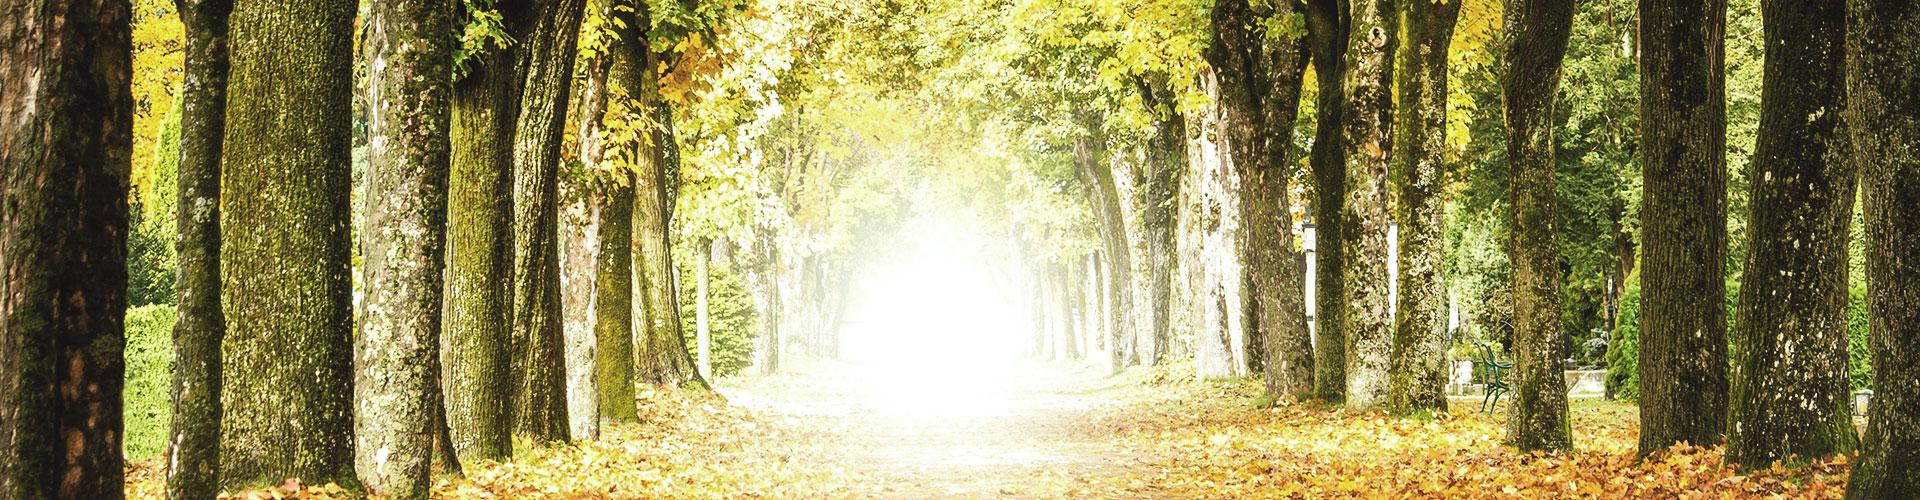 Eine Allee im Wald und tiefstehende Sonne